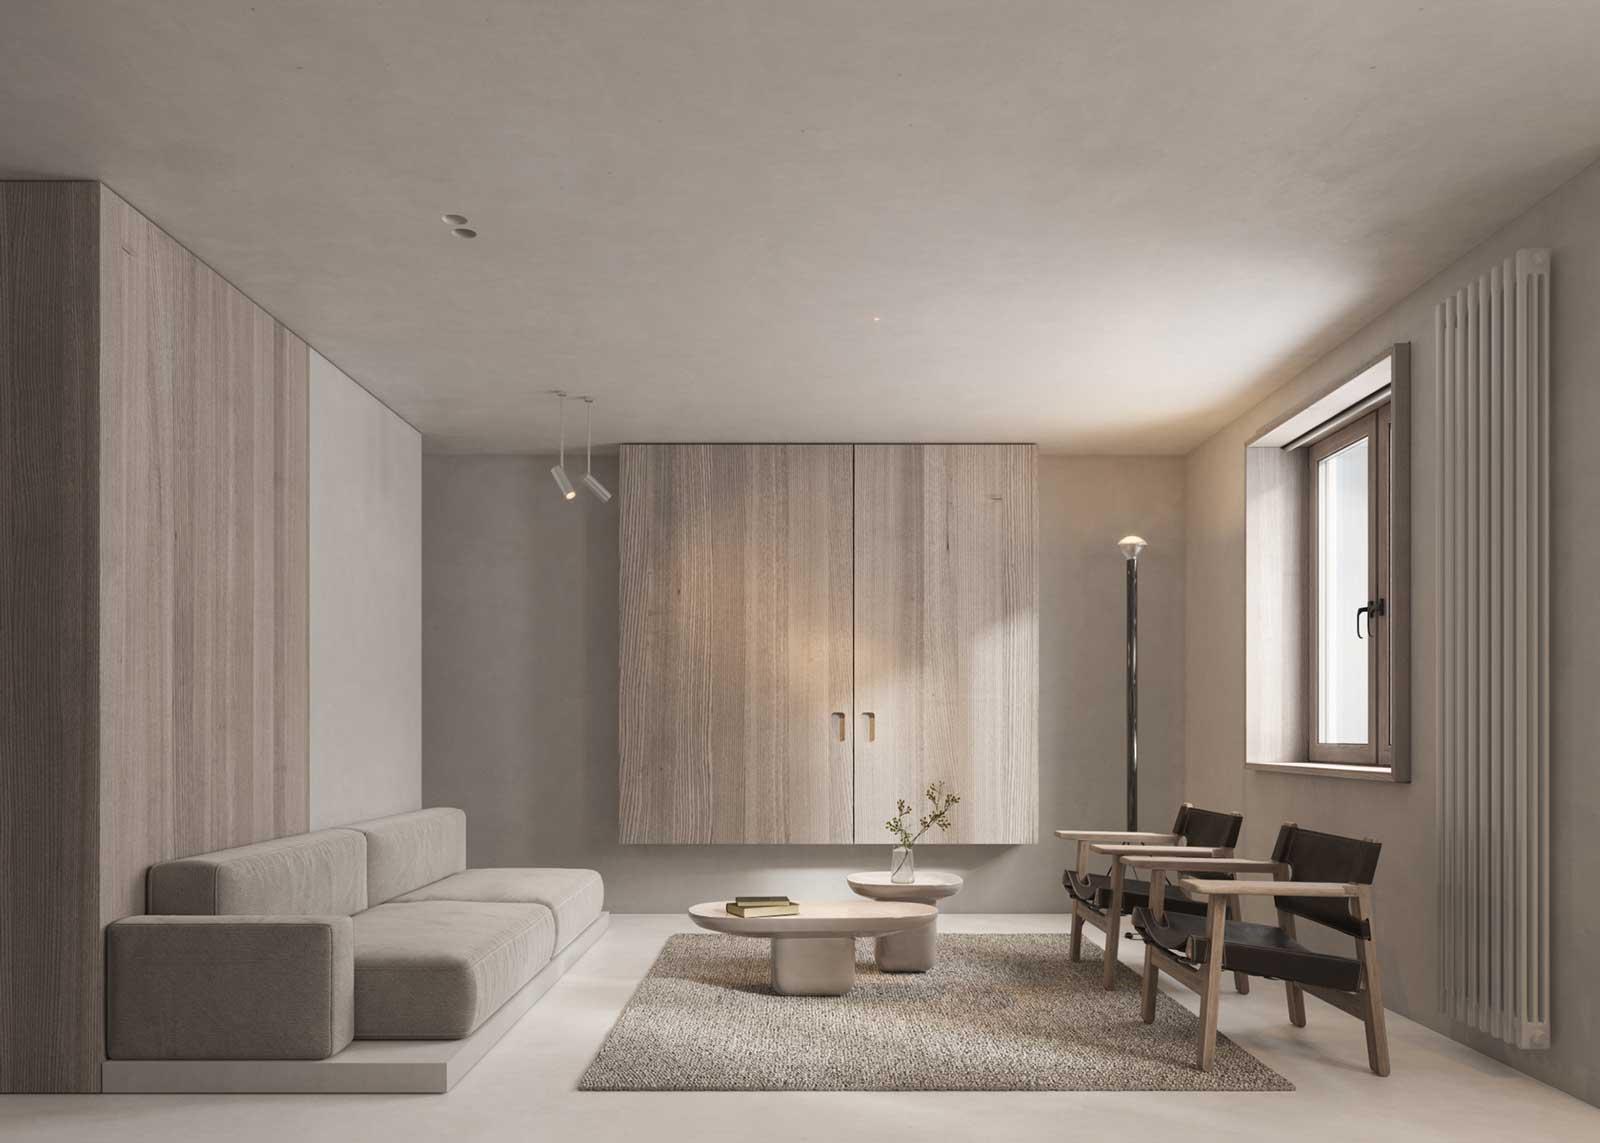 Un salon paré de boiseries claires pour un intérieur sobre et apaisant